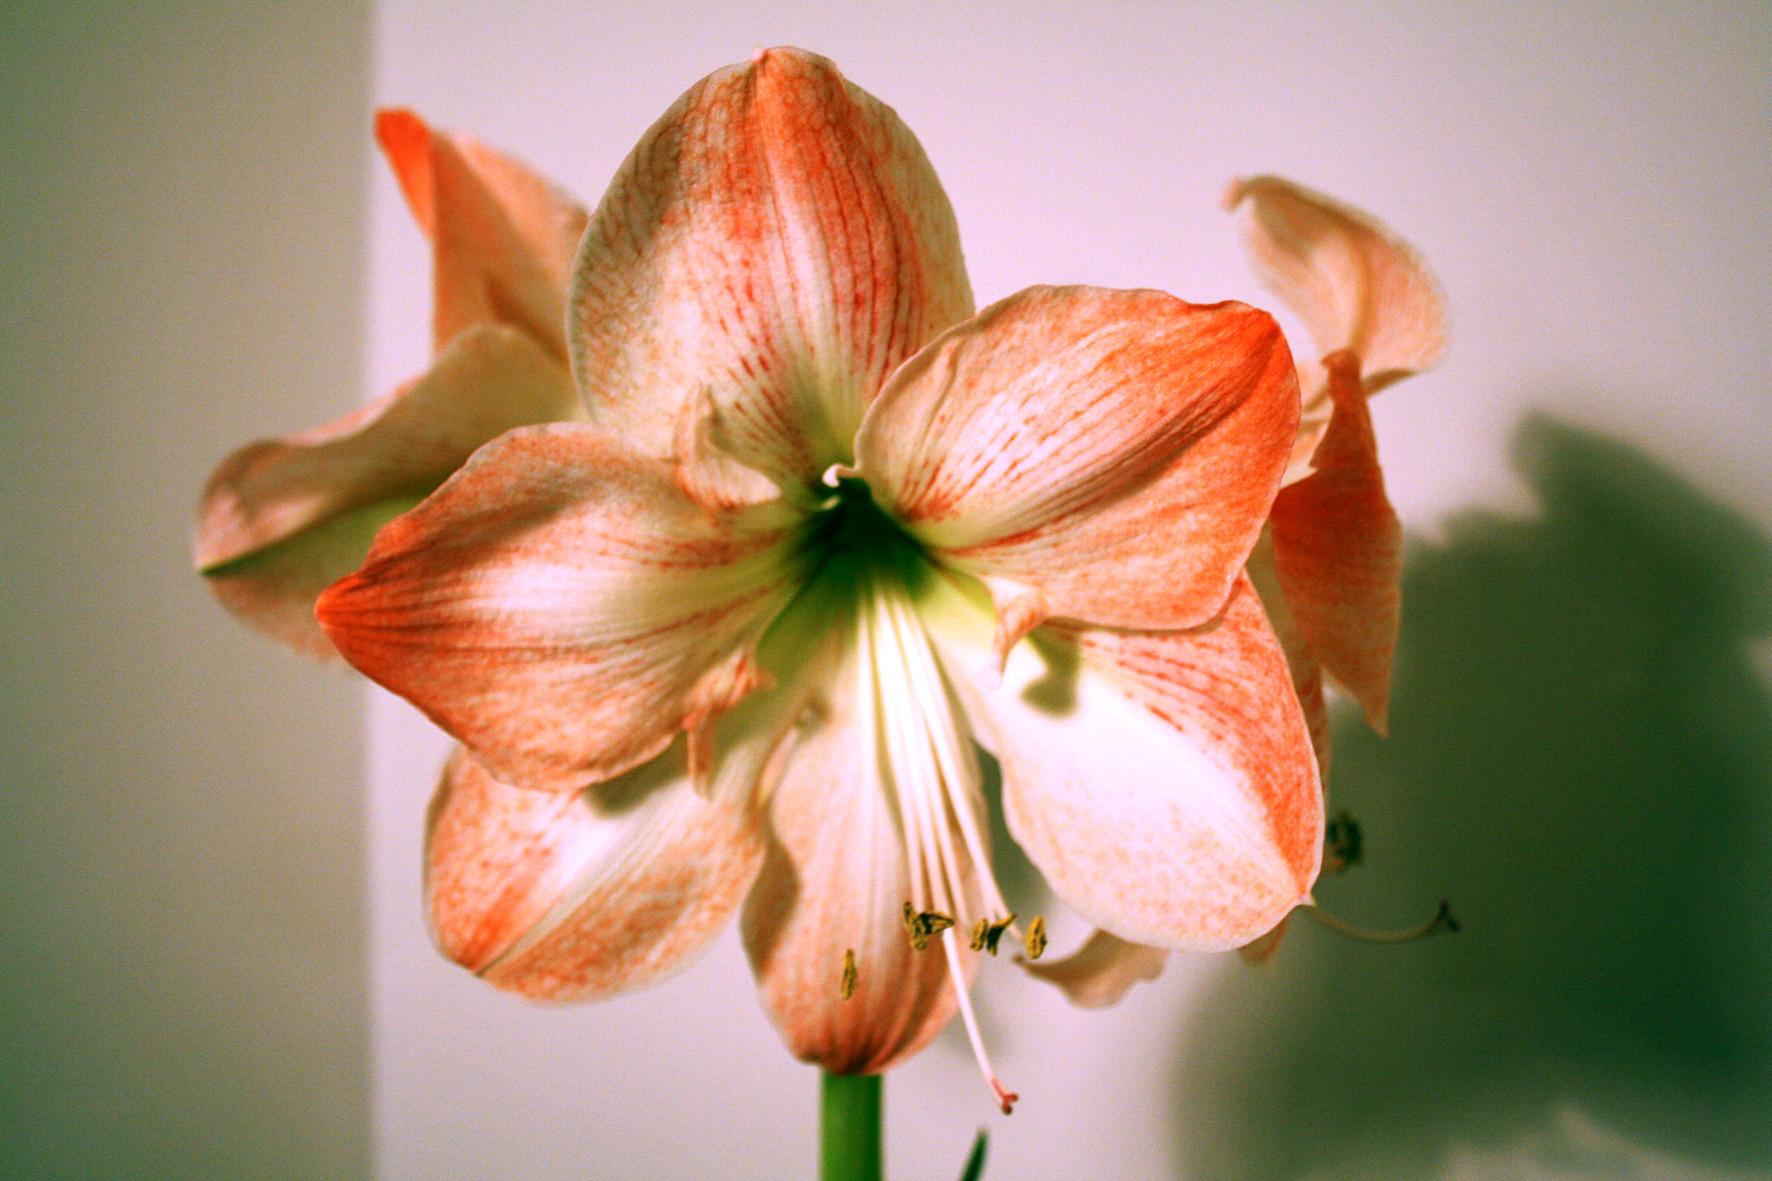 winterzeit ist amaryllis zeit landwirtschaftskammer nordrhein westfalen. Black Bedroom Furniture Sets. Home Design Ideas